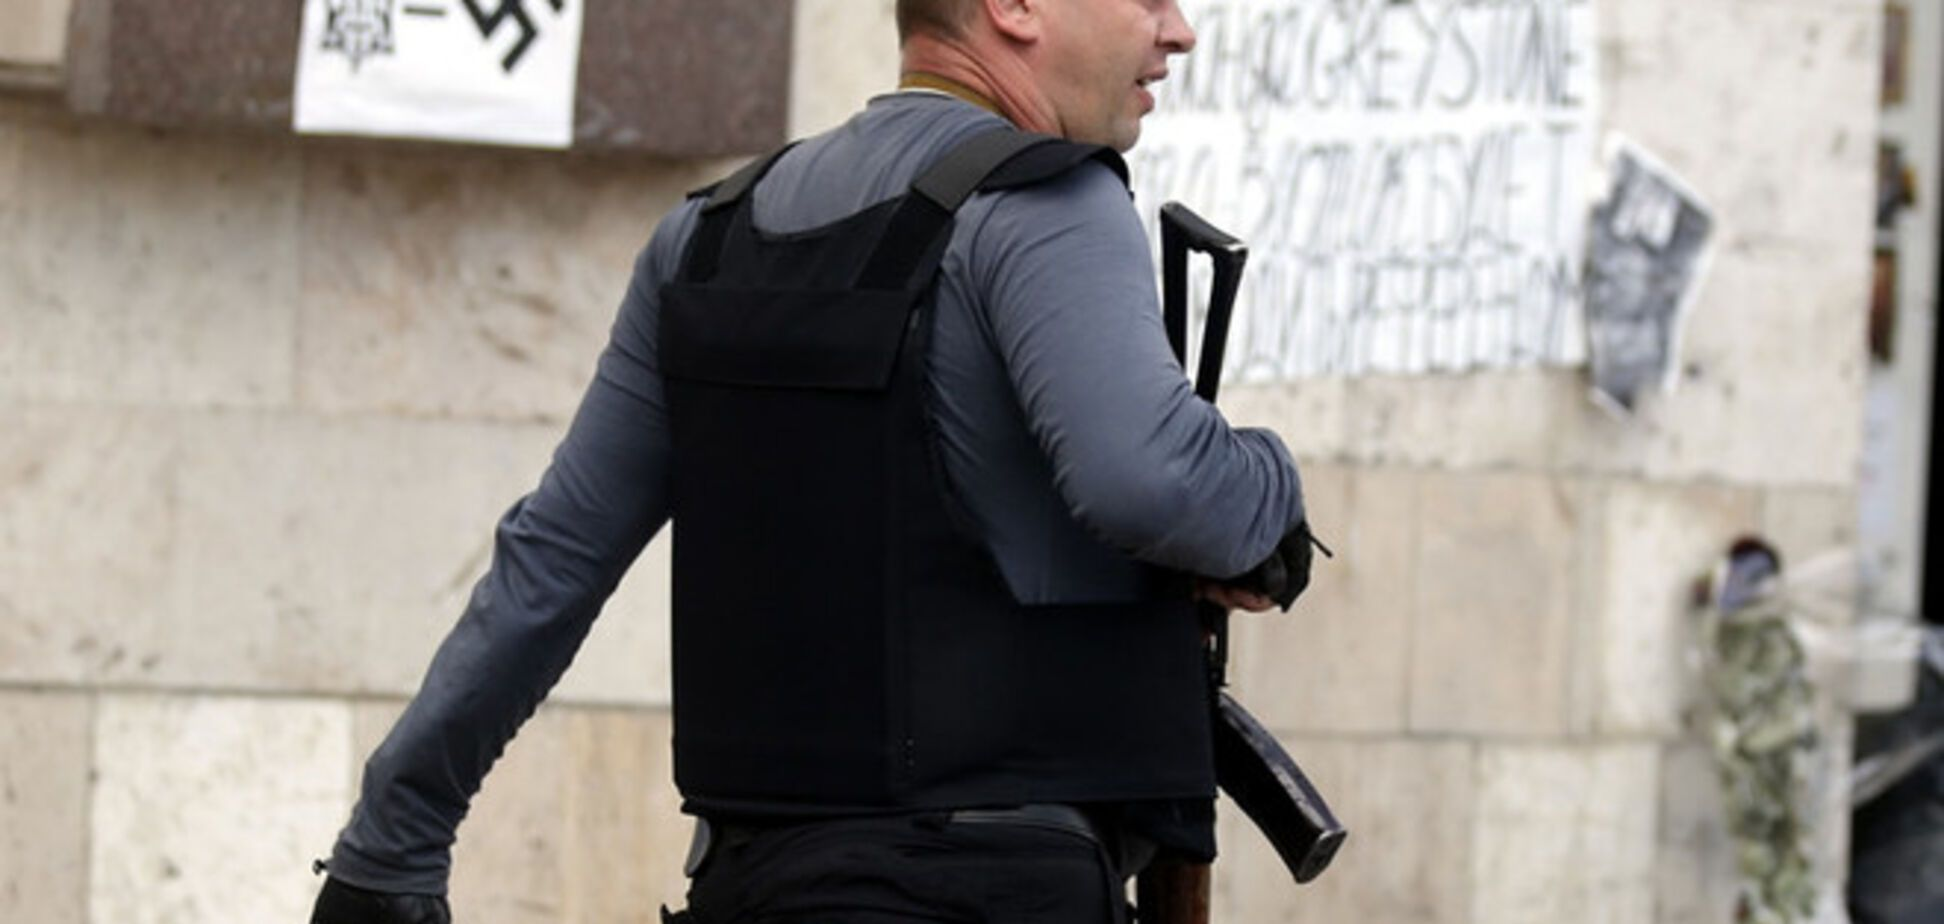 Комиссар ООН призвал террористов в Украине сложить оружие